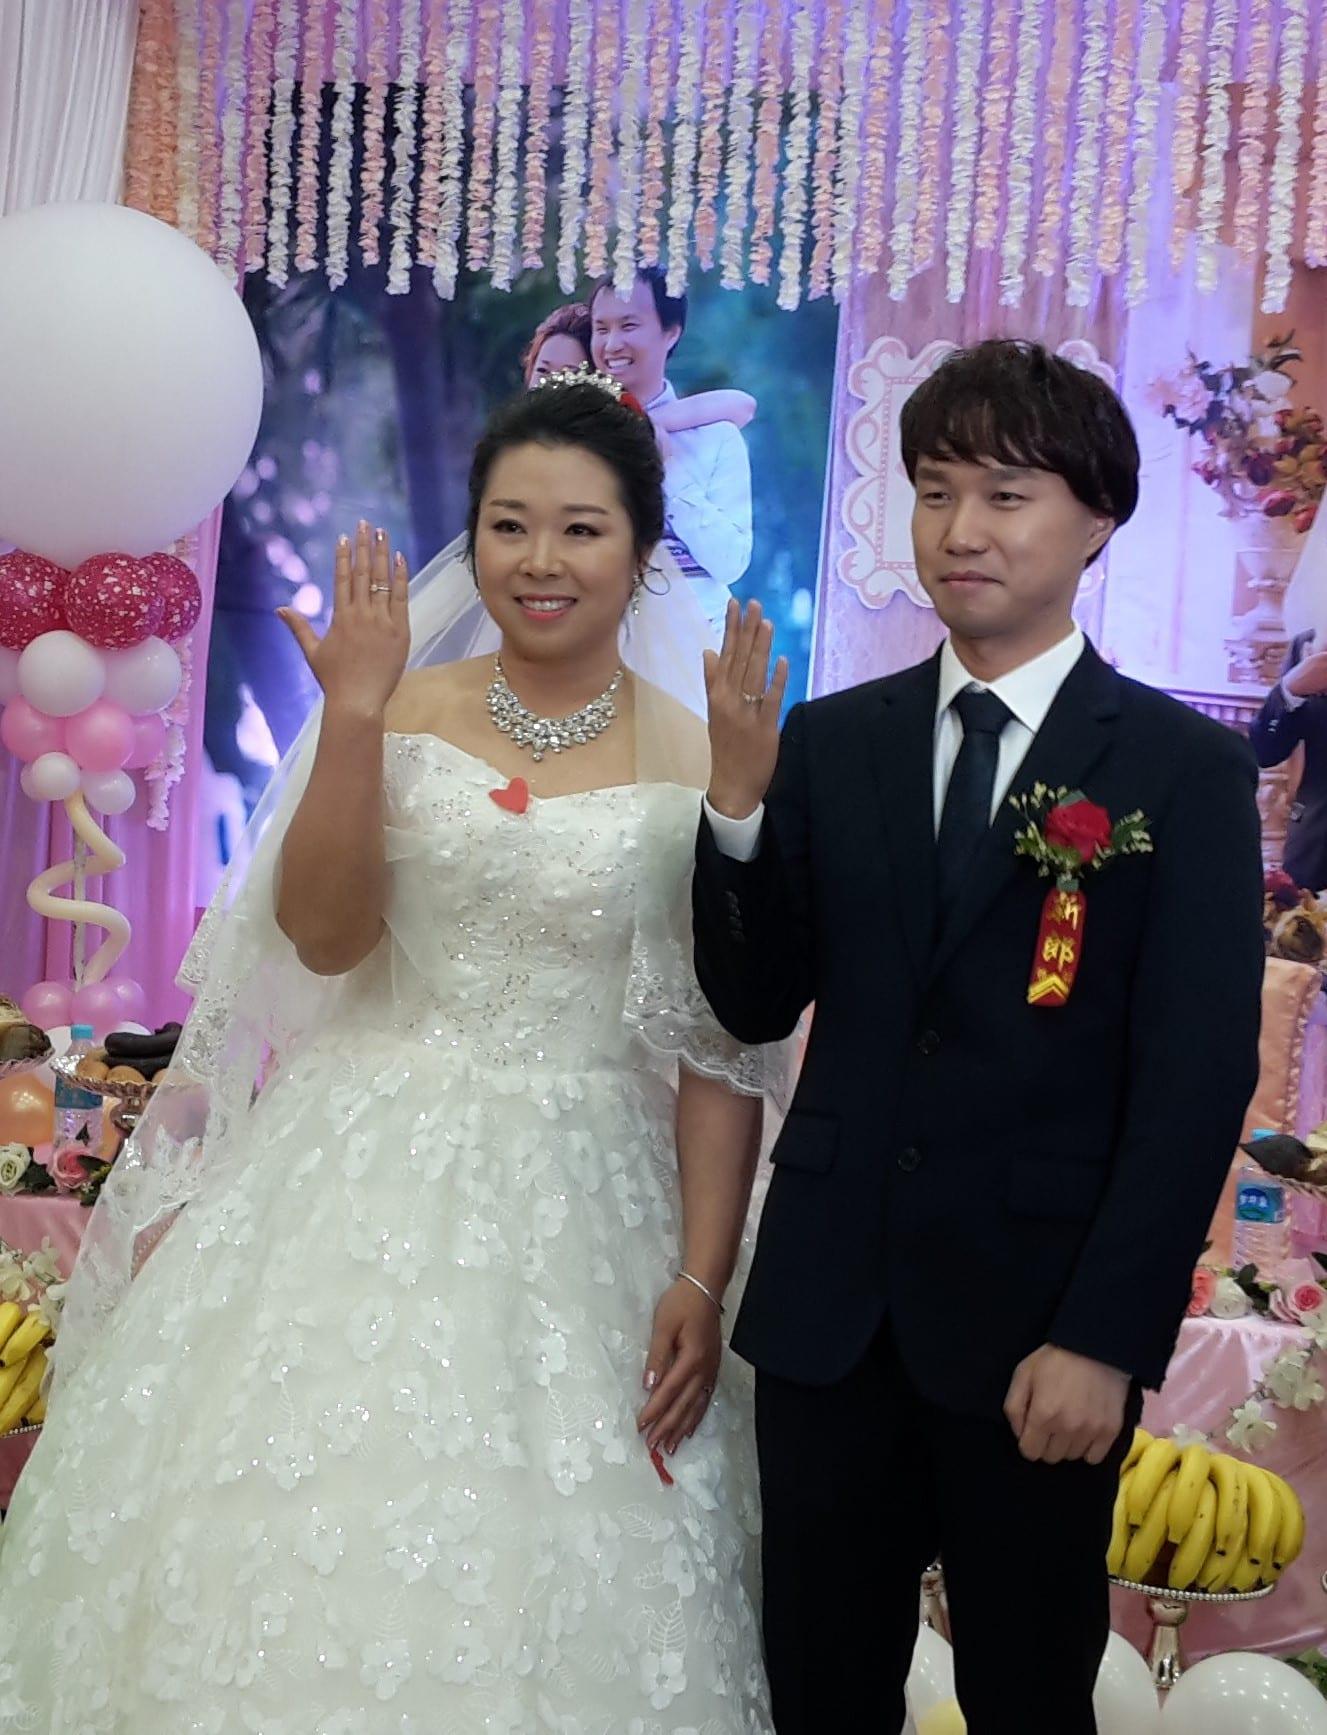 Huwelijk van een van onze oud studenten